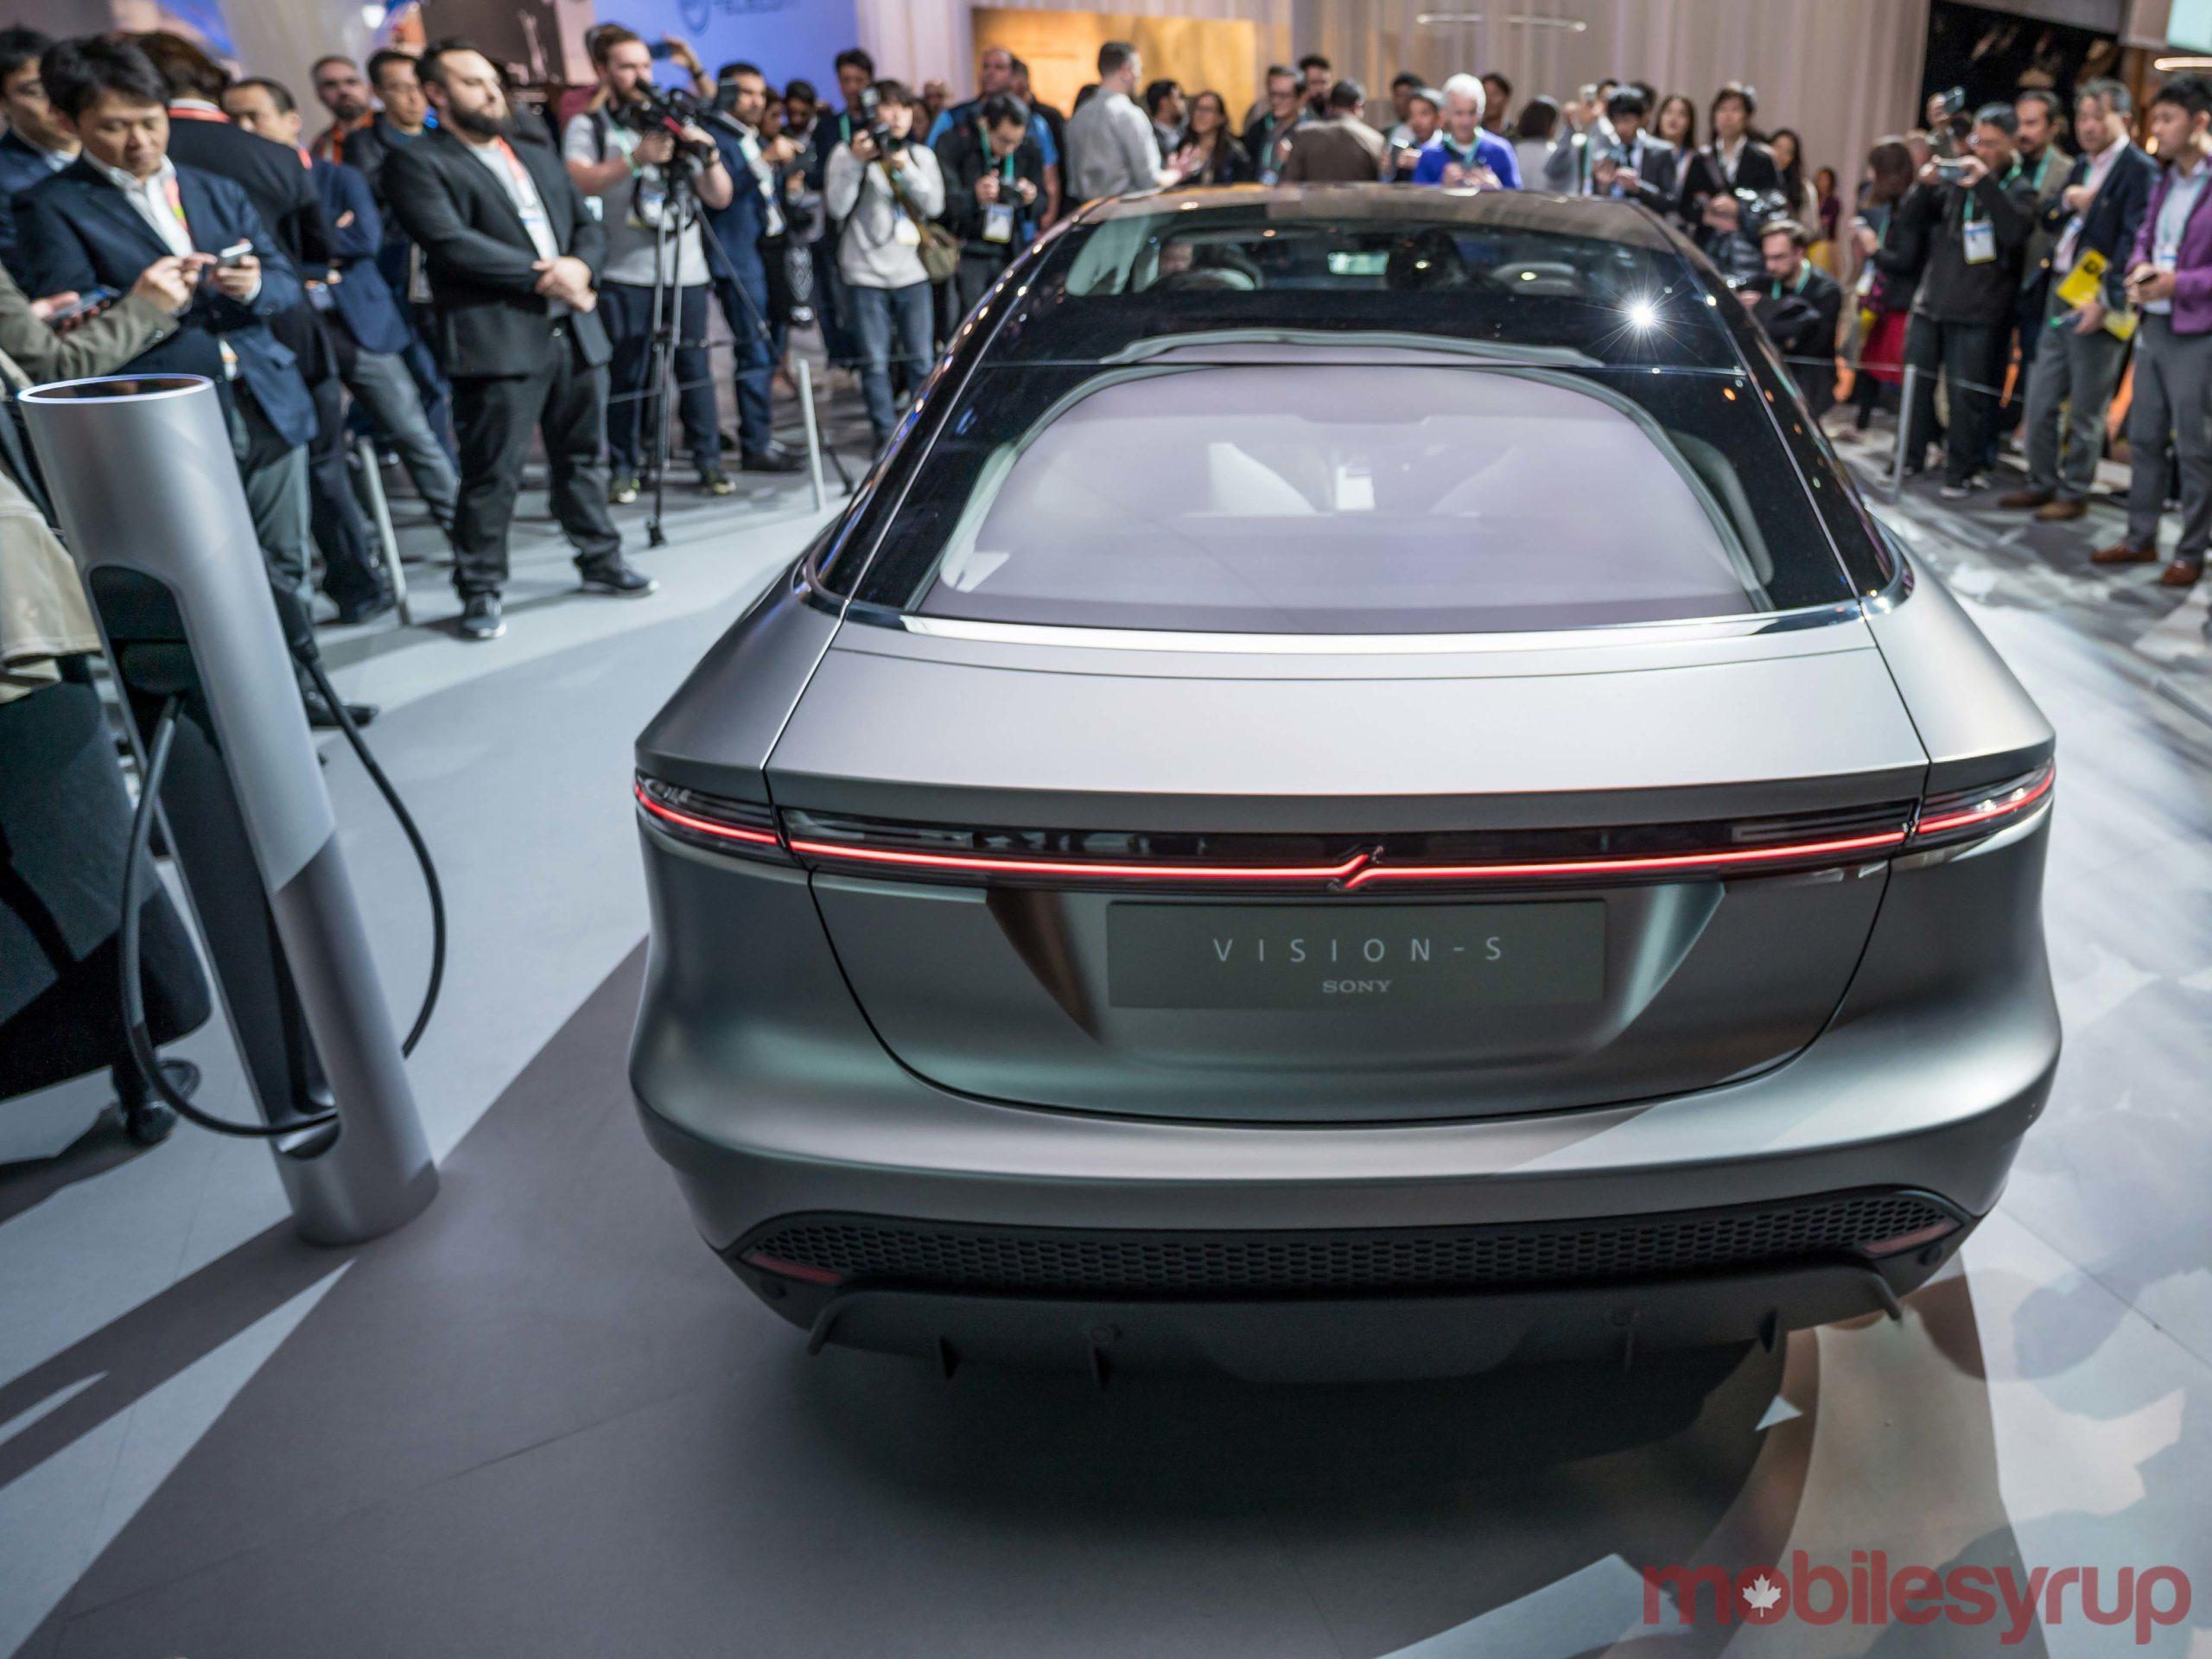 Sony car rear